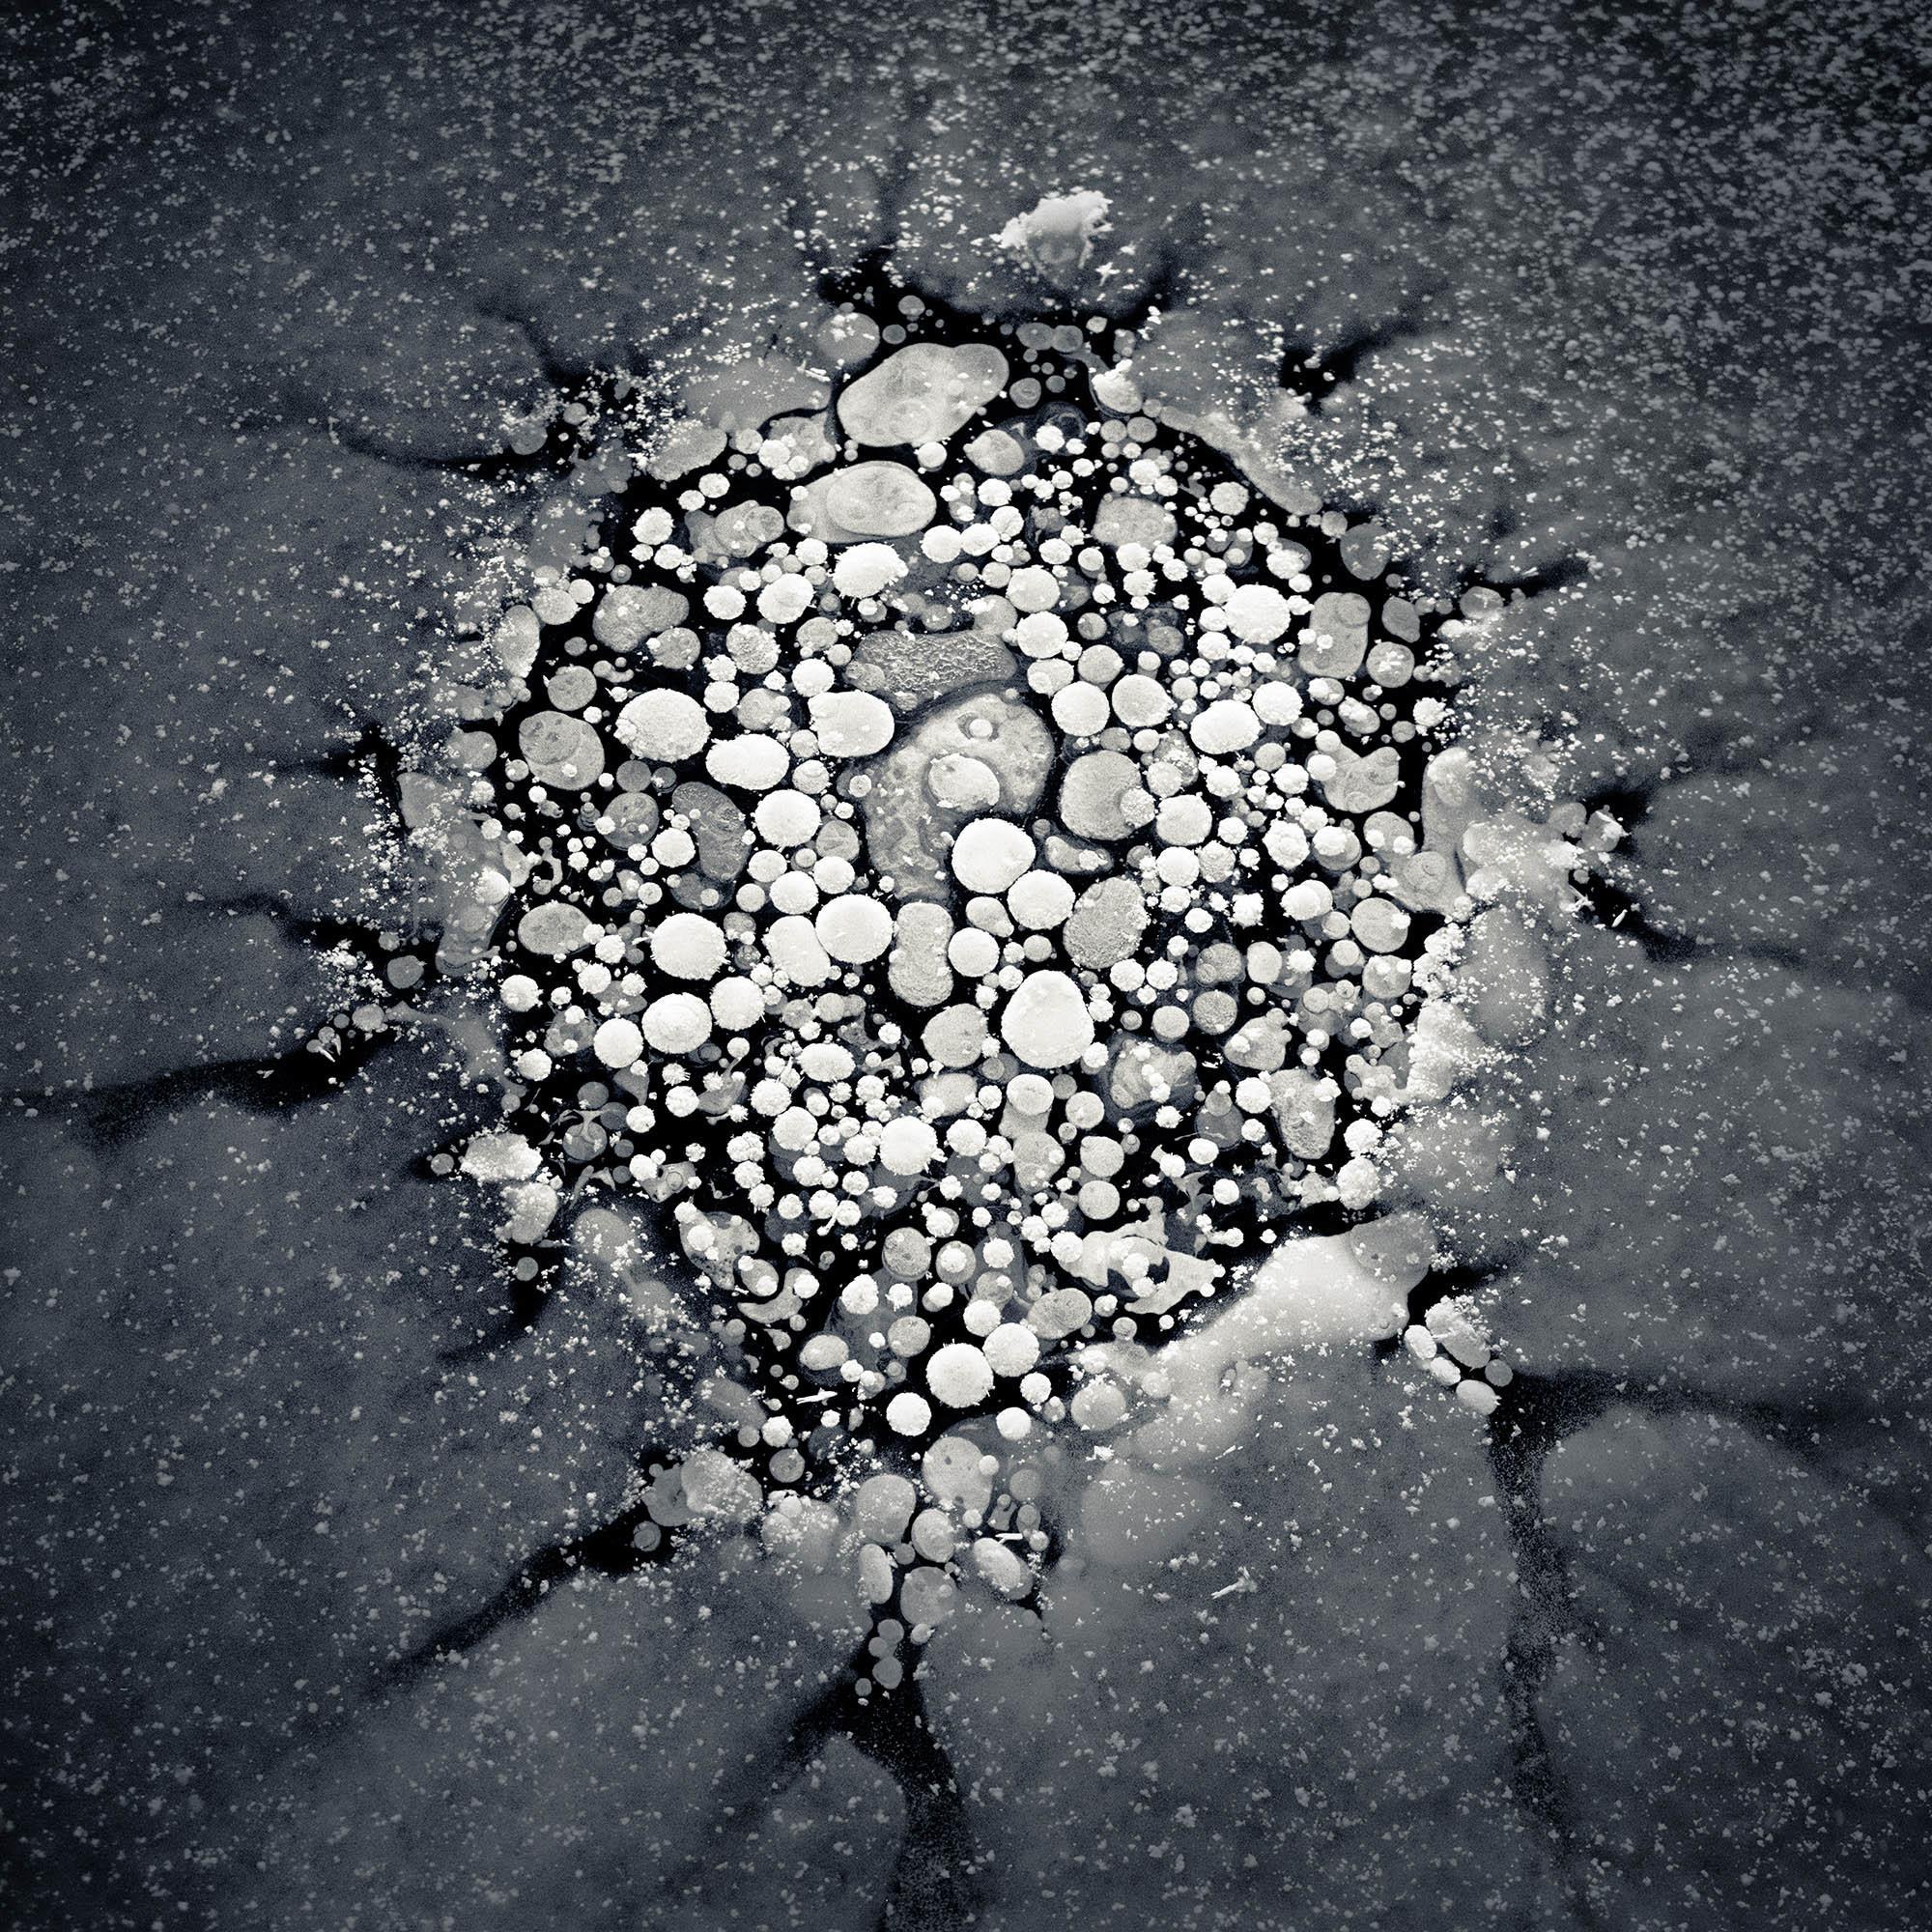 iGNANT-Photography-Ryoto-Kajita-Ice-Formations-001